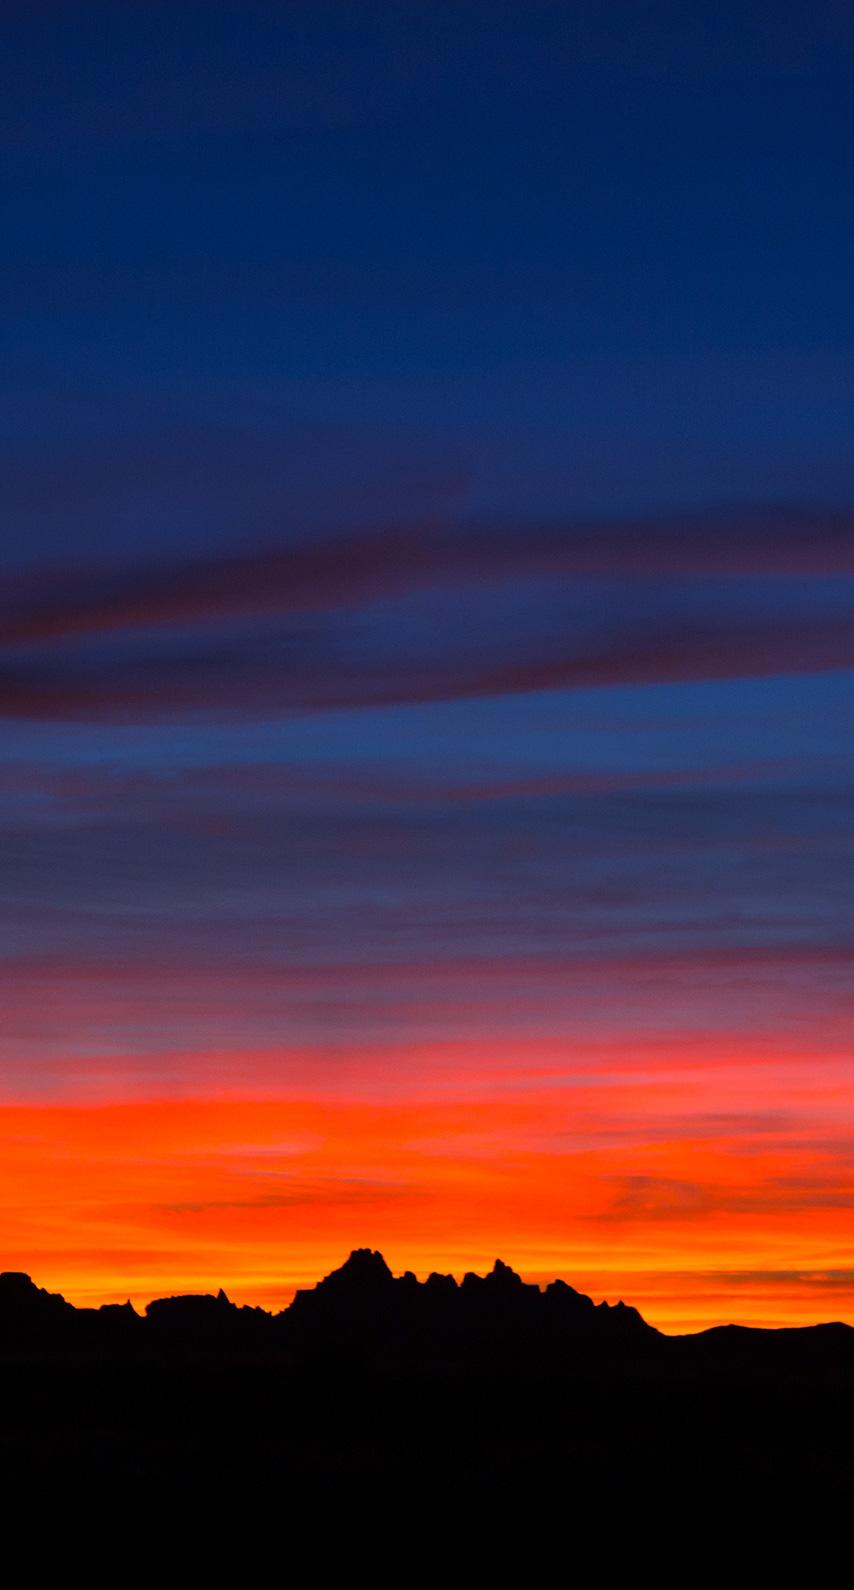 mountains, sunset